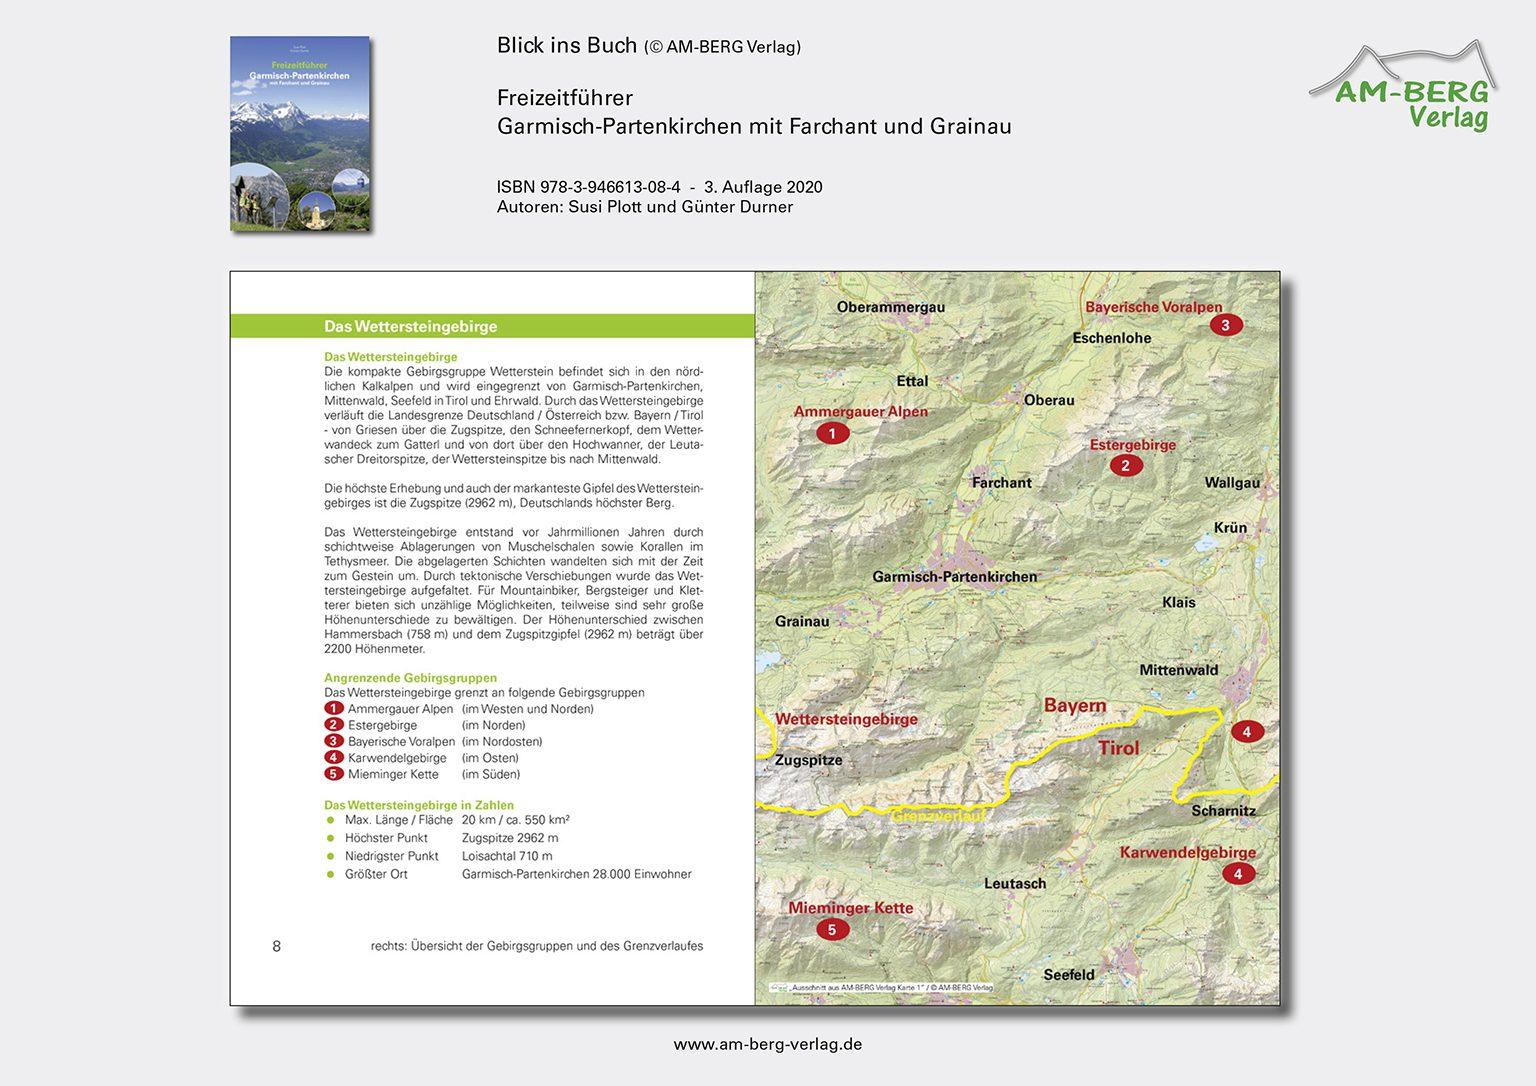 Freizeitführer Garmisch-Partenkirchen mit Farchant und Grainau_BlickinsBuch05